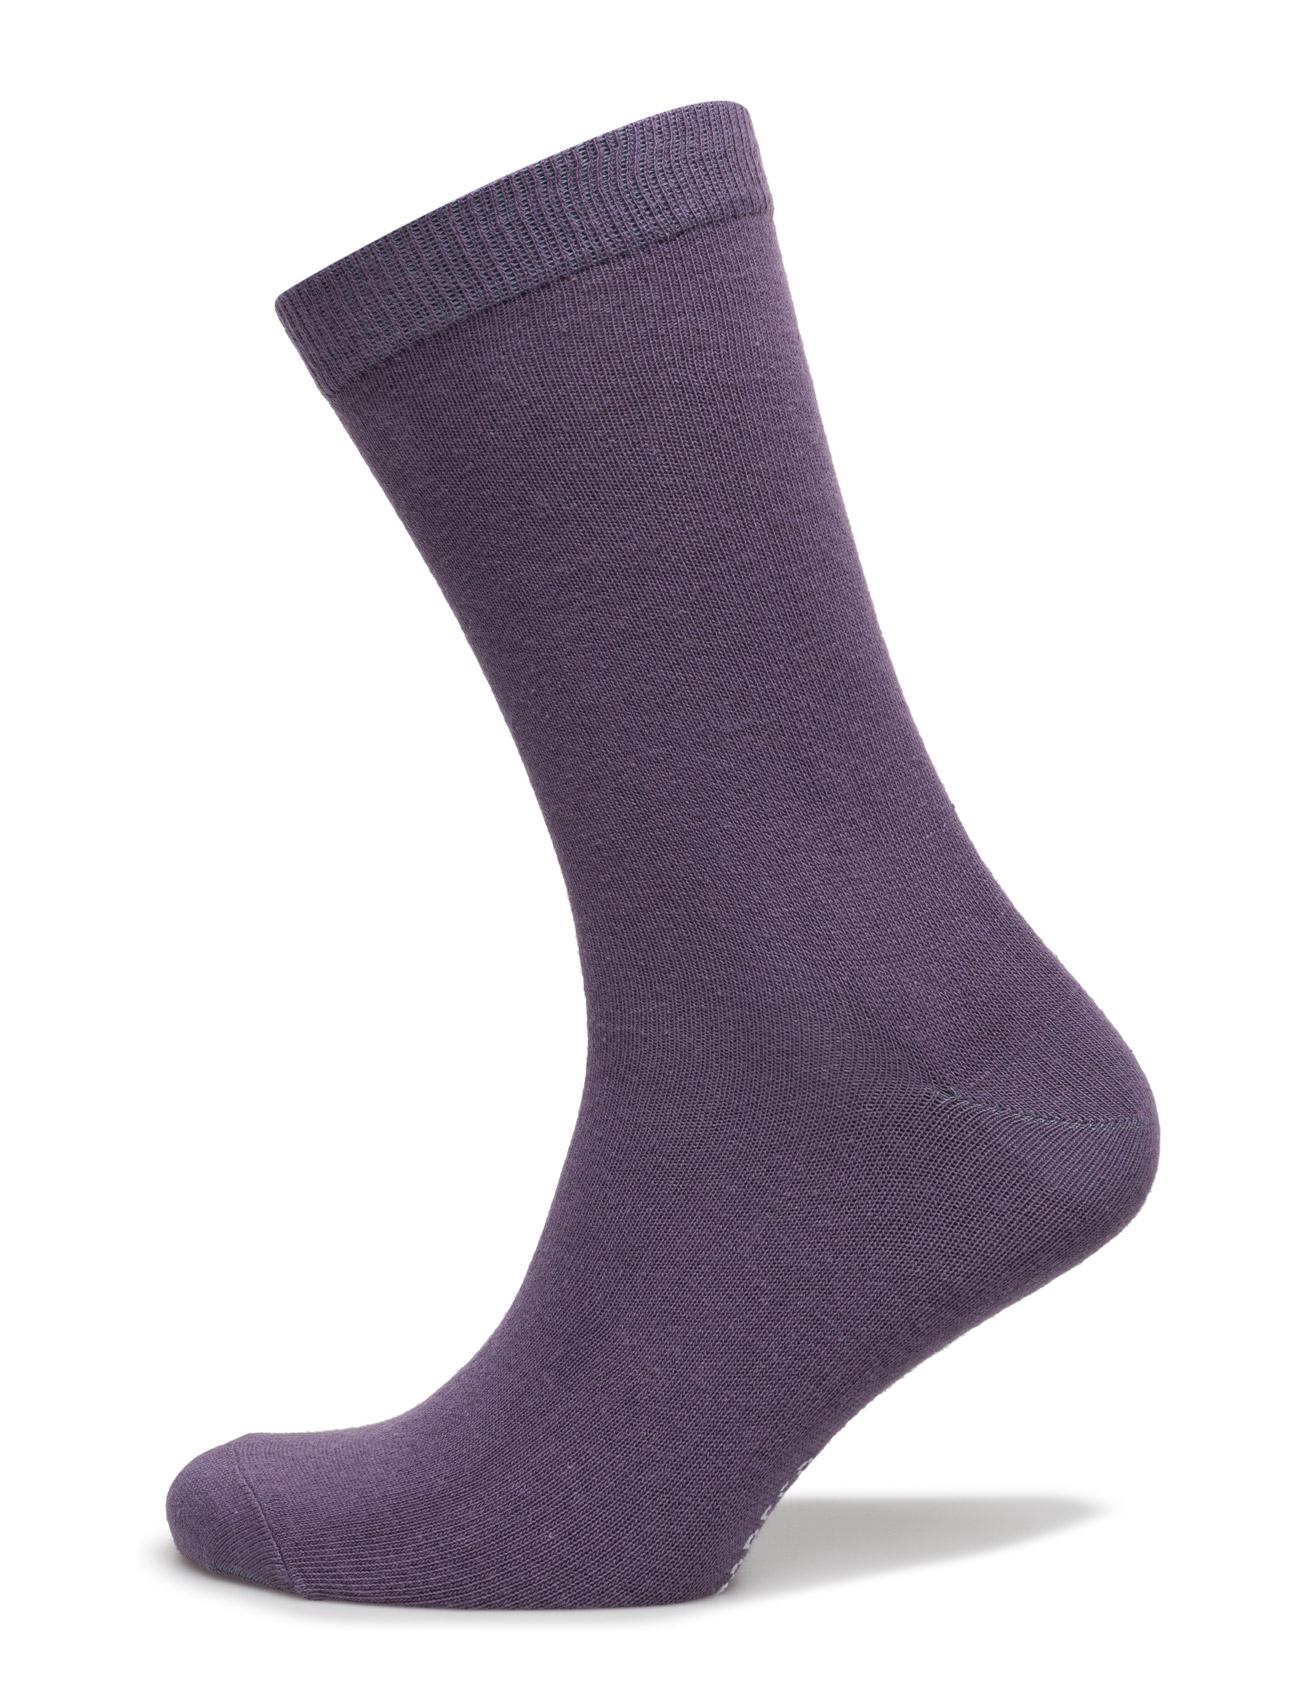 Ladies Sock Plain, Antique Lilac TOPECO Strømpebukser til Damer i